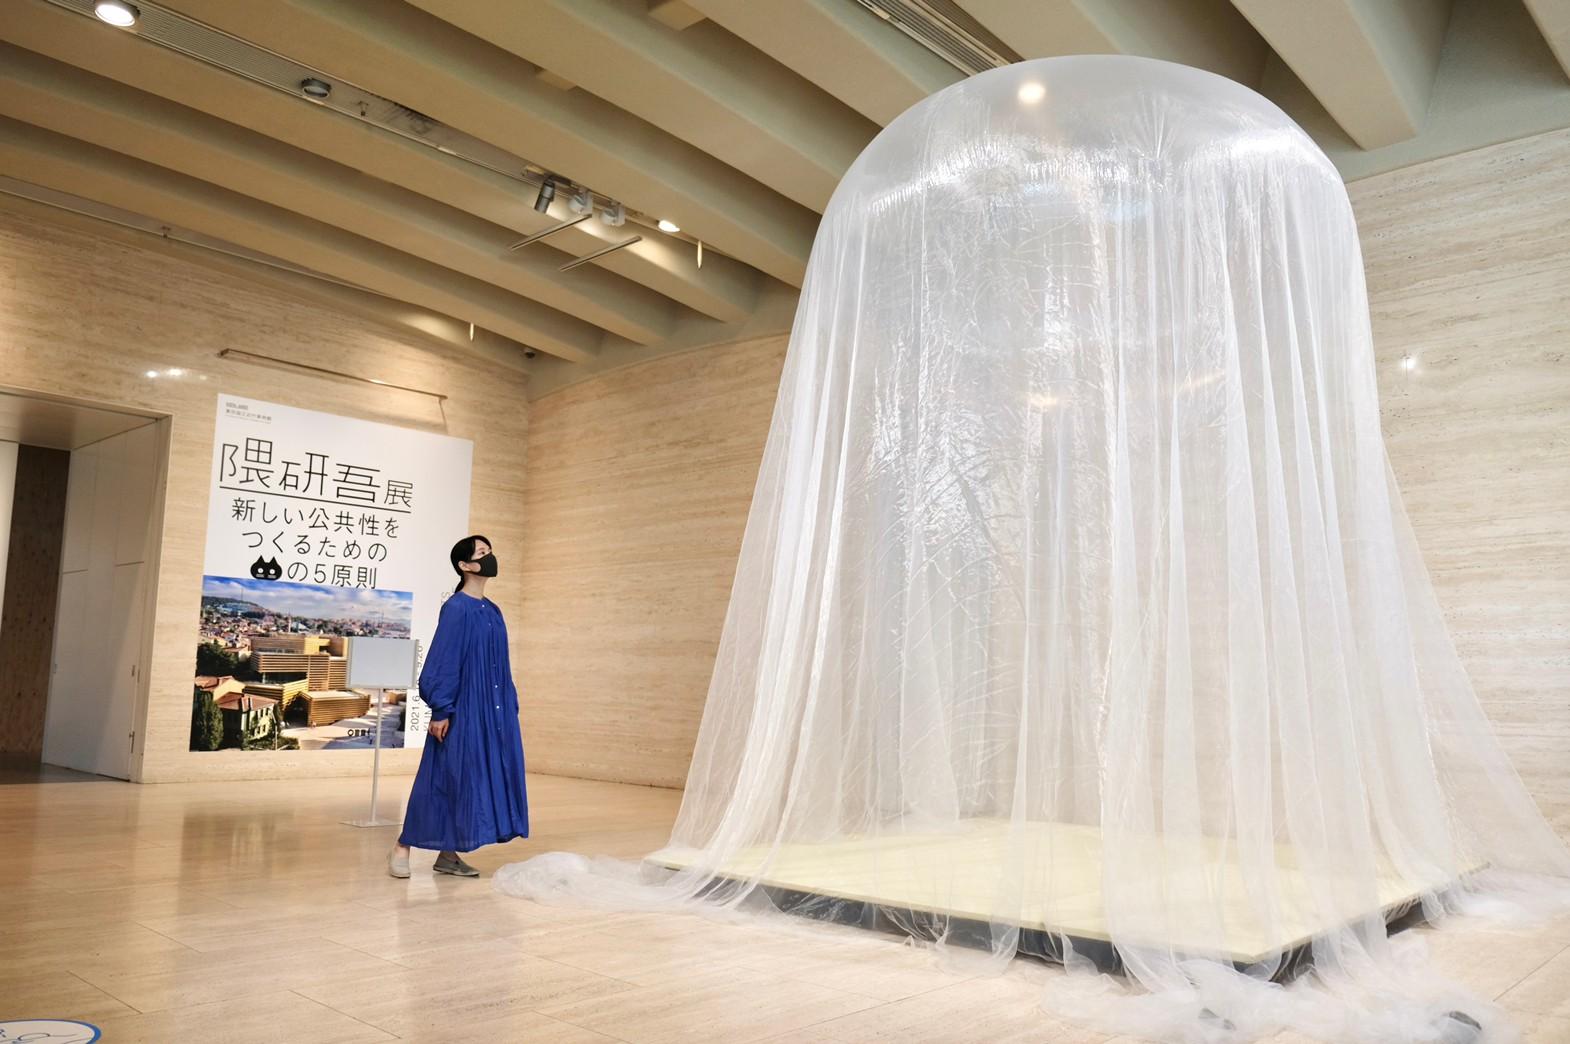 """建築家・隈研吾の大規模展!ネコの視点で考える""""公共性""""とは"""